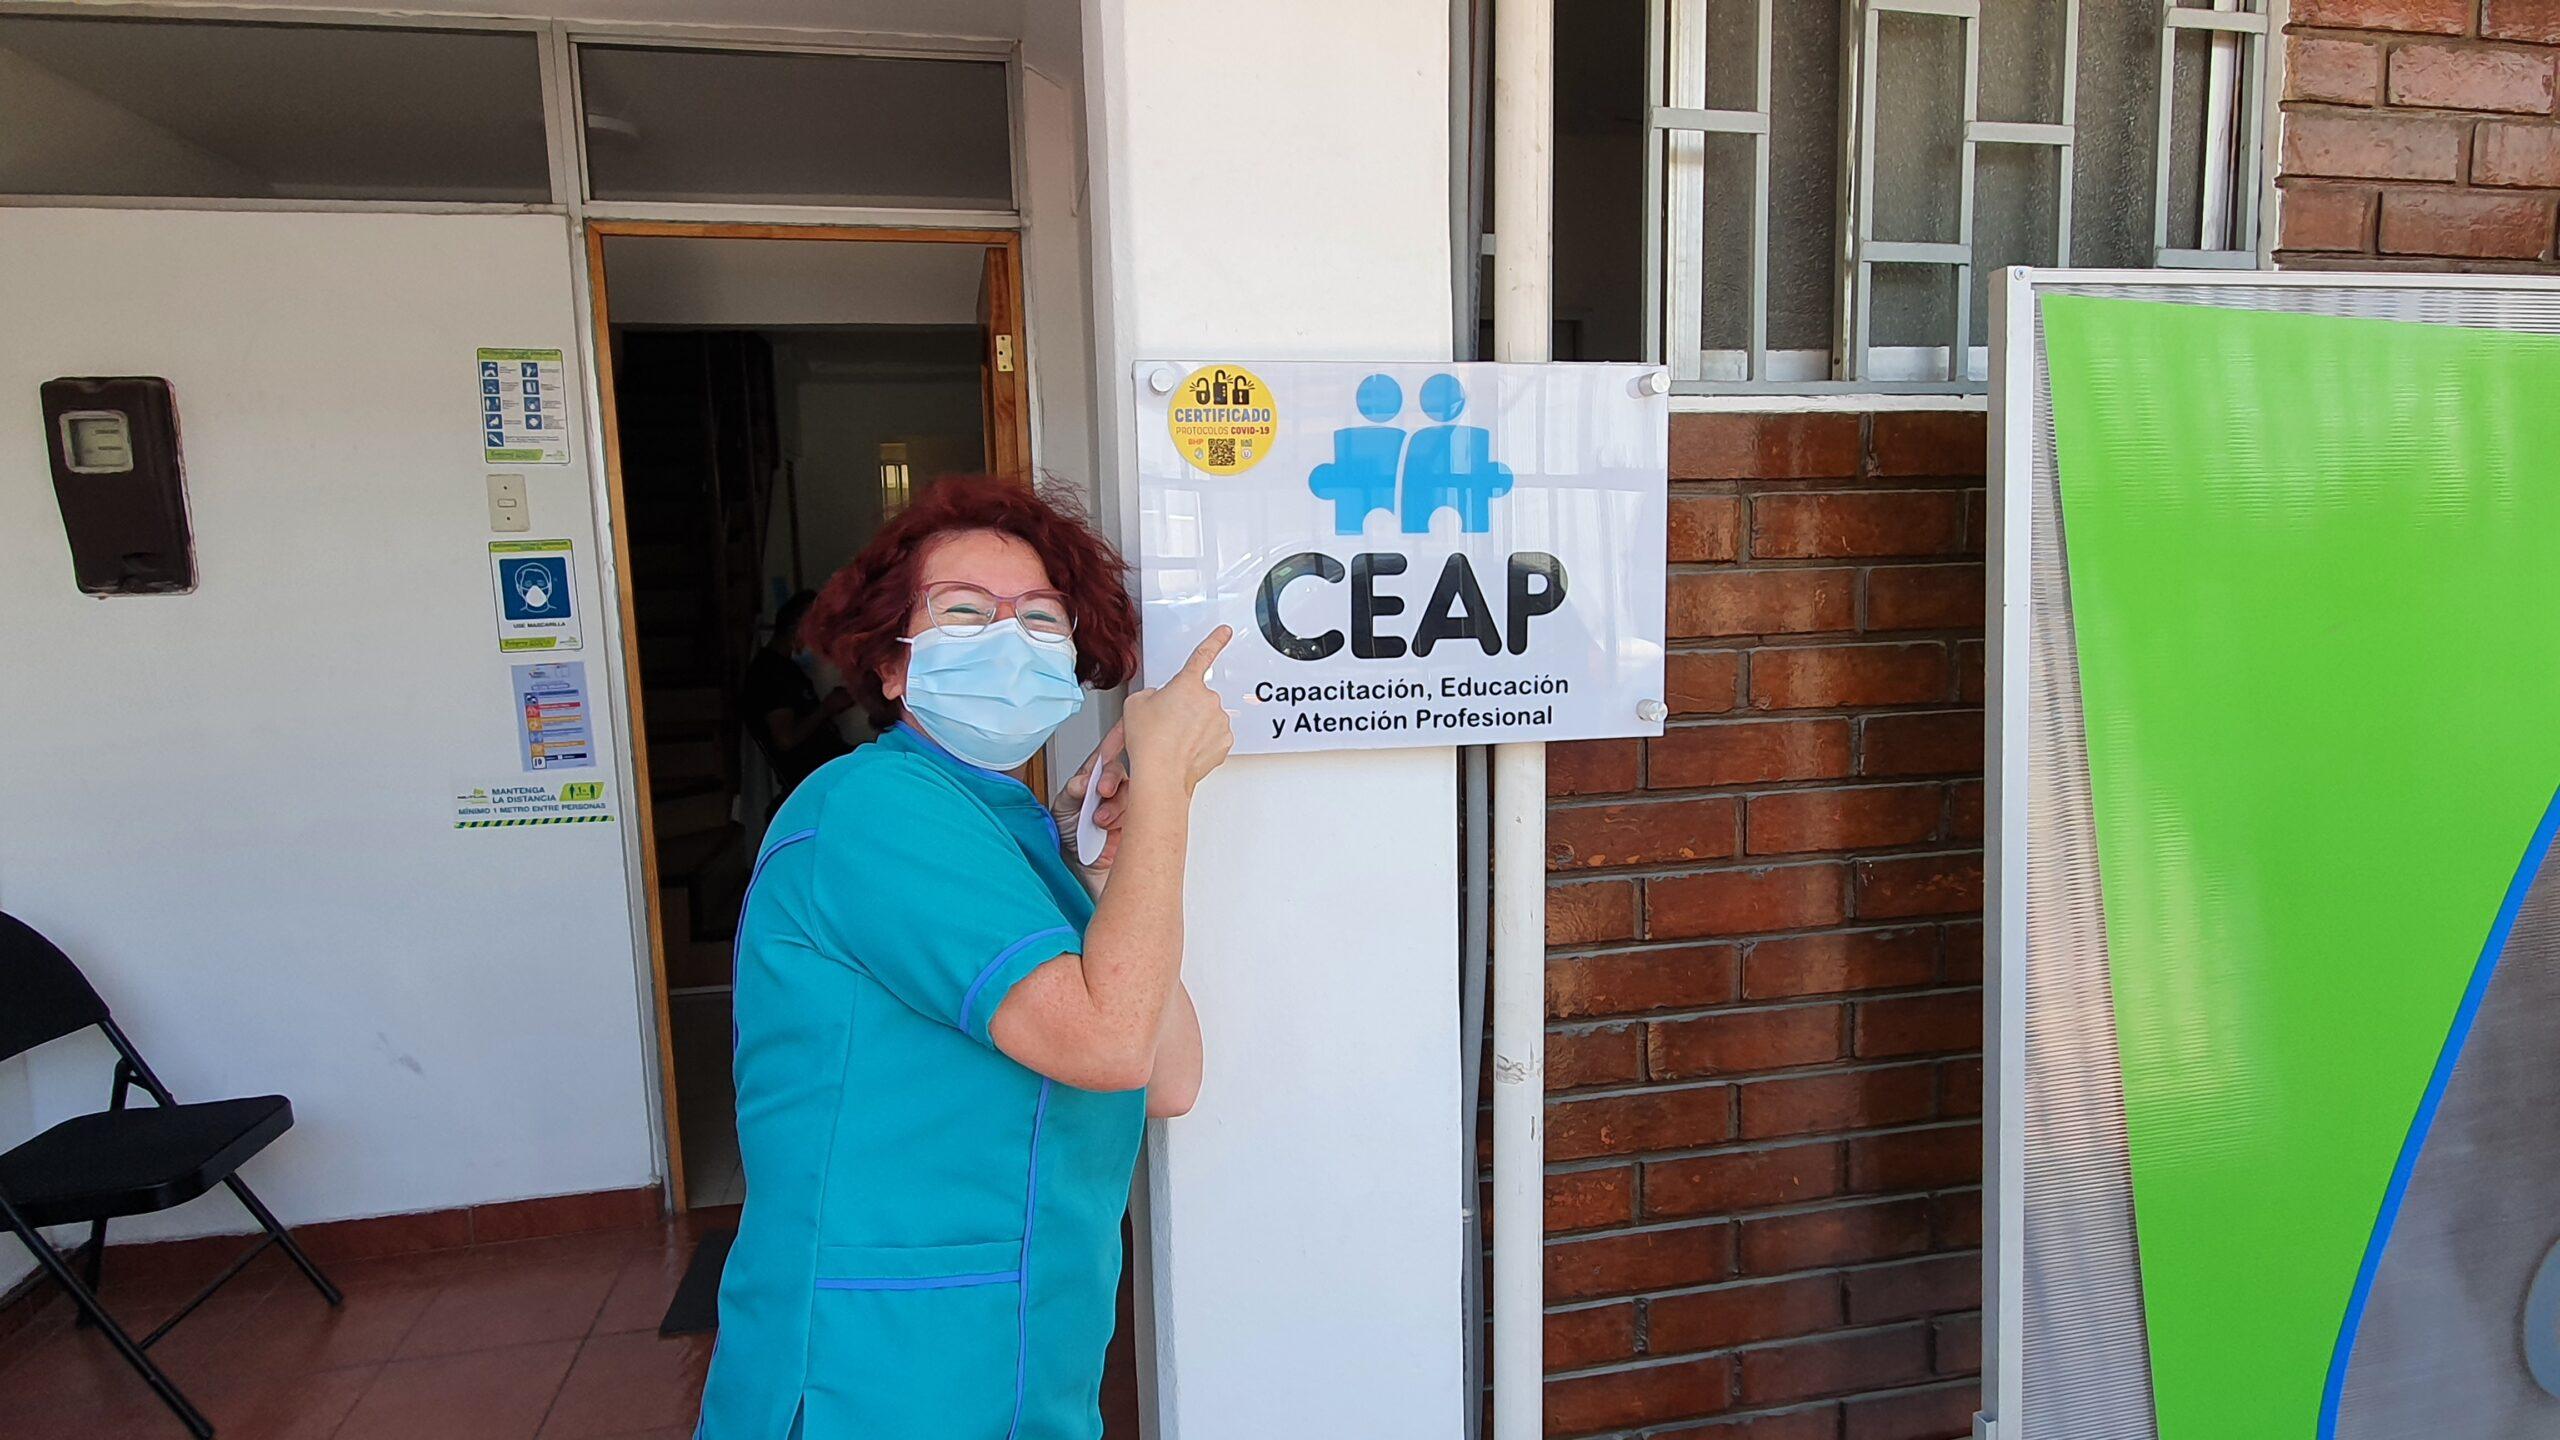 CEAP Capacitación, educación y atención profesional vuelven a la acción.